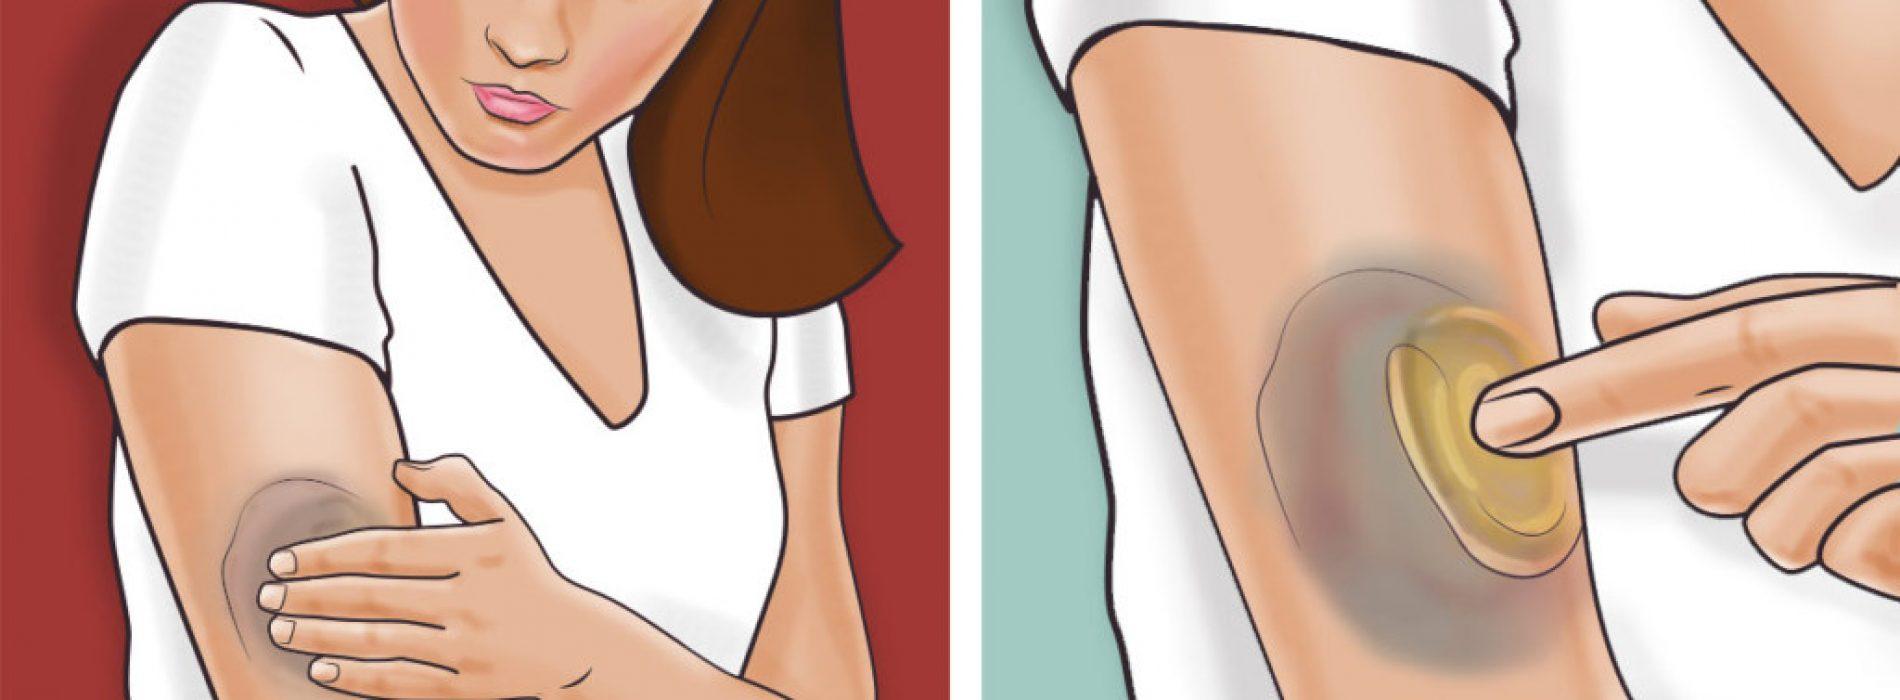 Studie heeft aangetoond dat als kurkuma op de huid aangebracht wordt, het DIT effect op je lichaam heeft. Ongelooflijk!